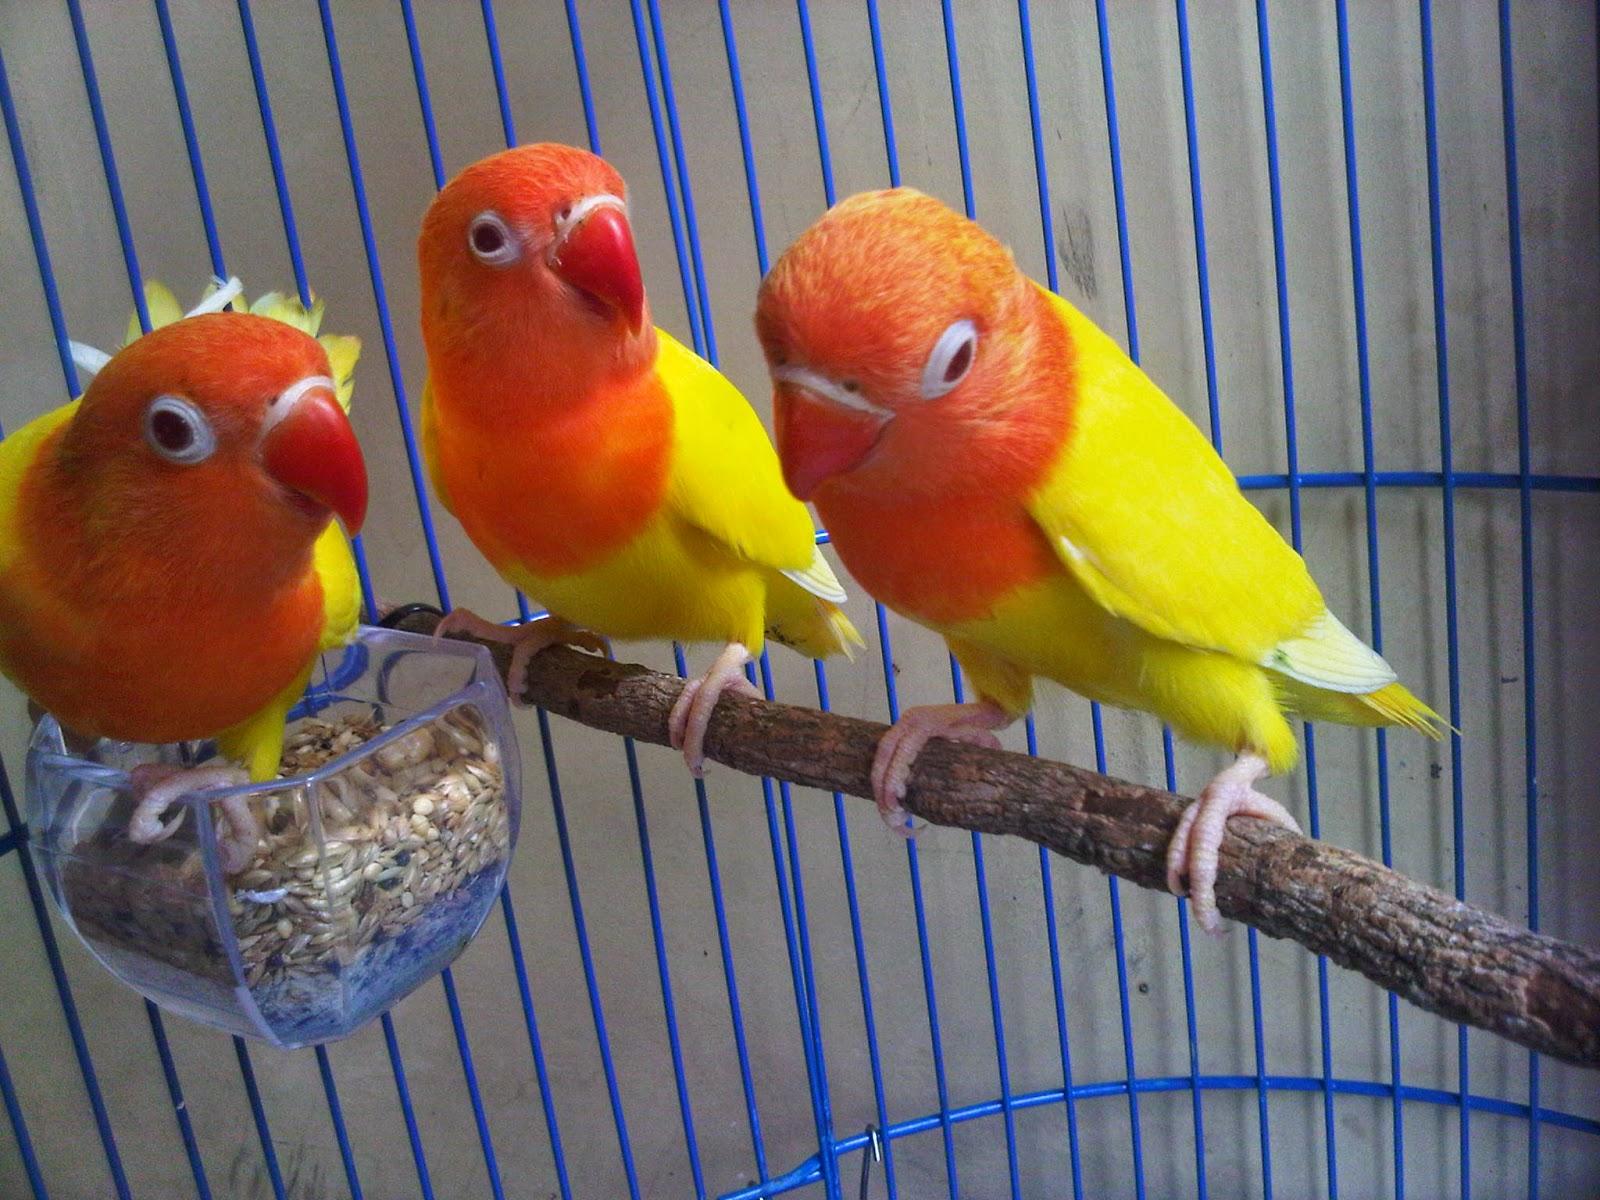 daftar harga burung lovebird terbaru 2017 daftar harga